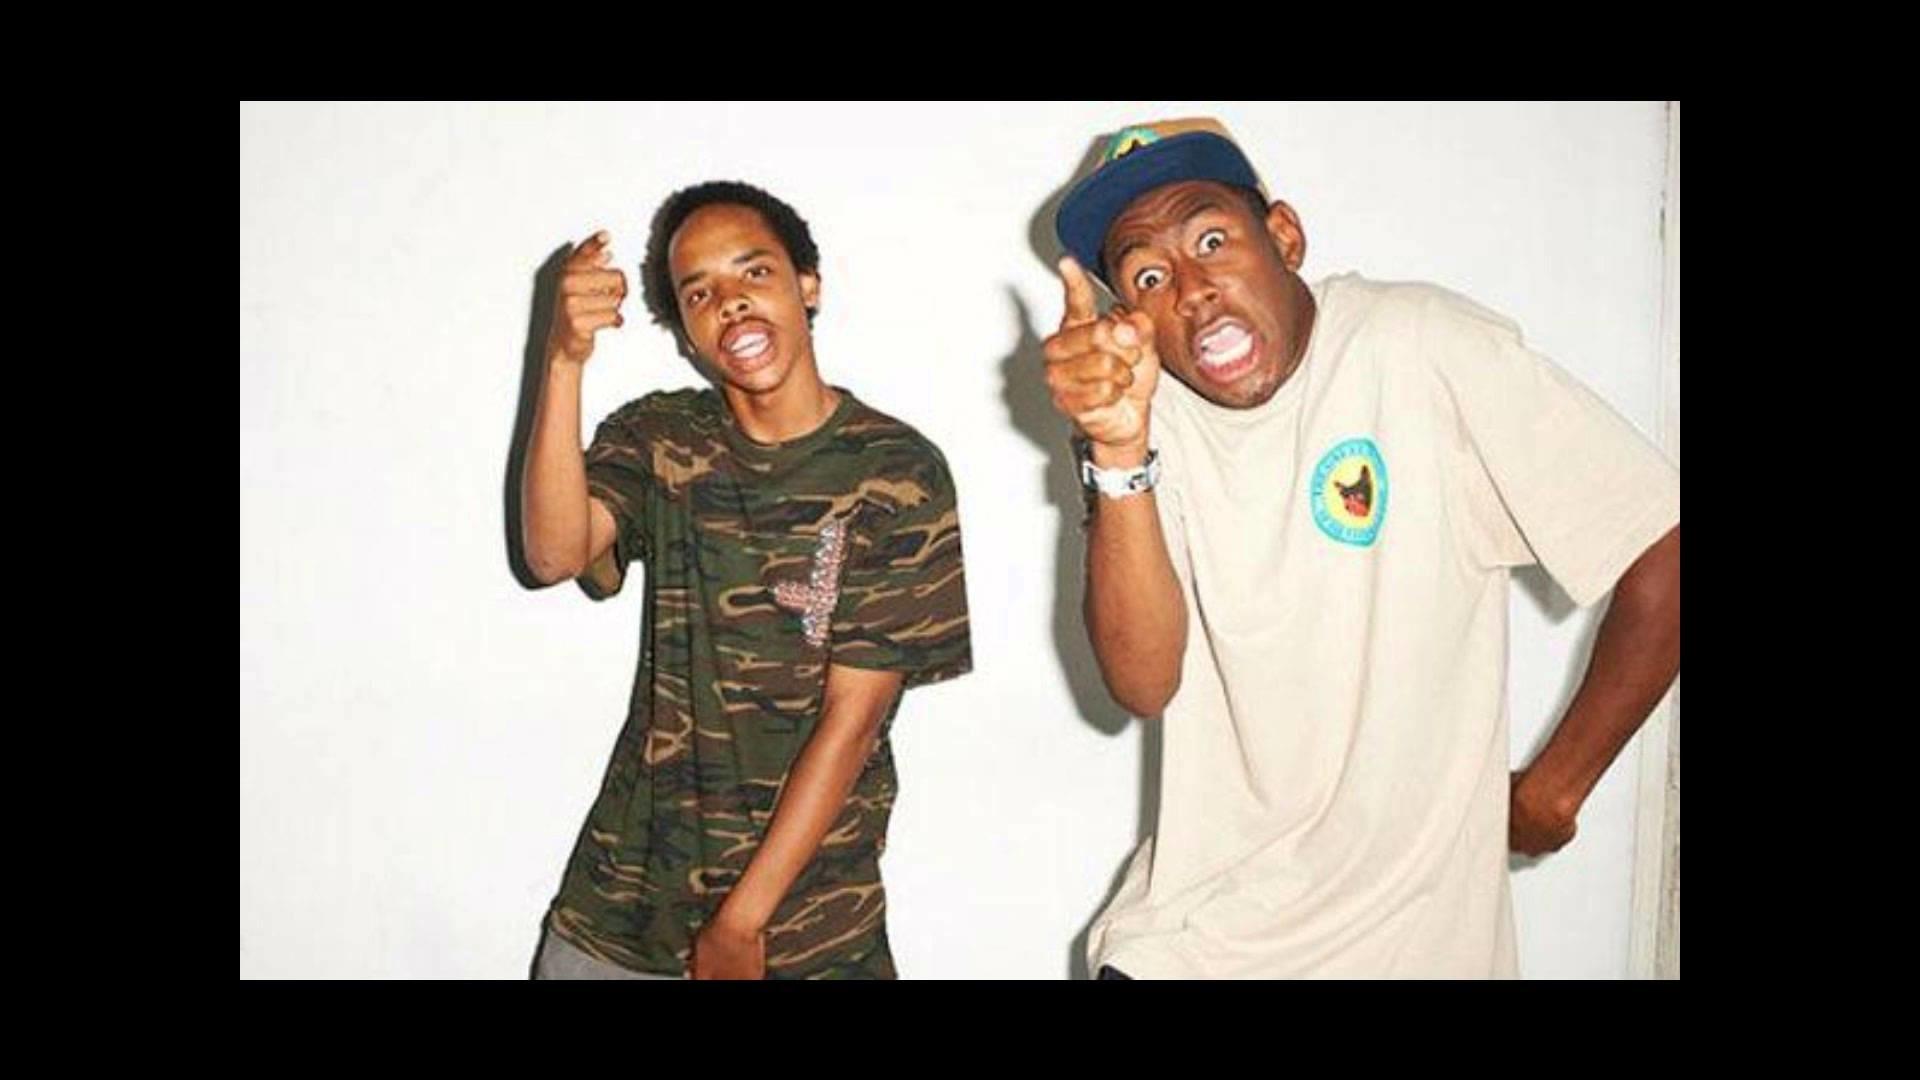 Hodgy Beats, Domo Genesis & Earl Sweatshirt – YouTube